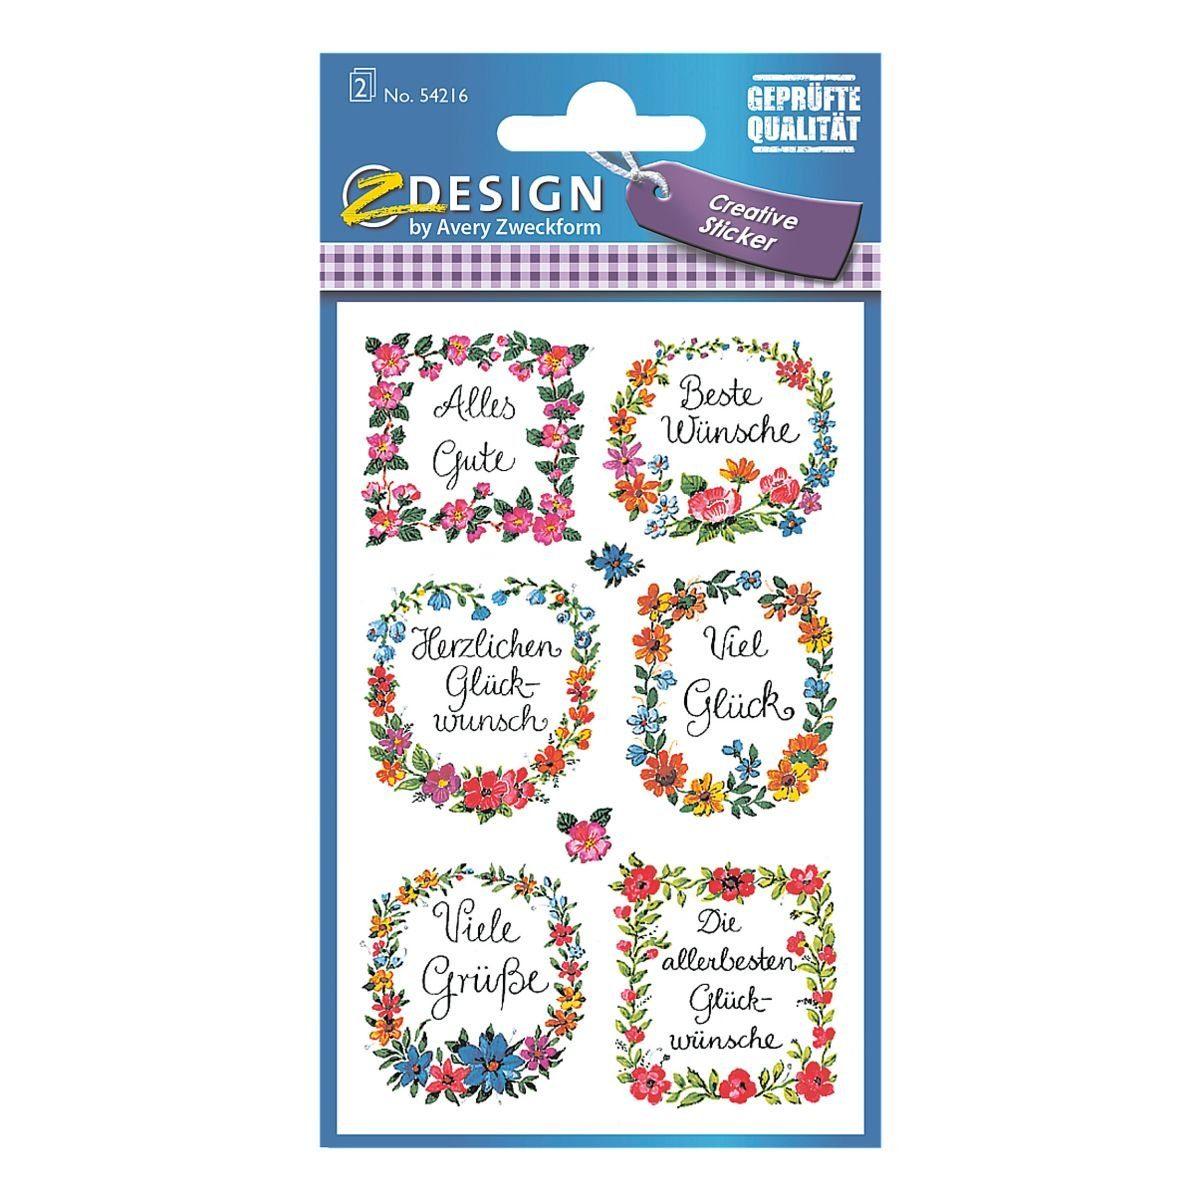 Z-Design Papier Sticker »Widmung«